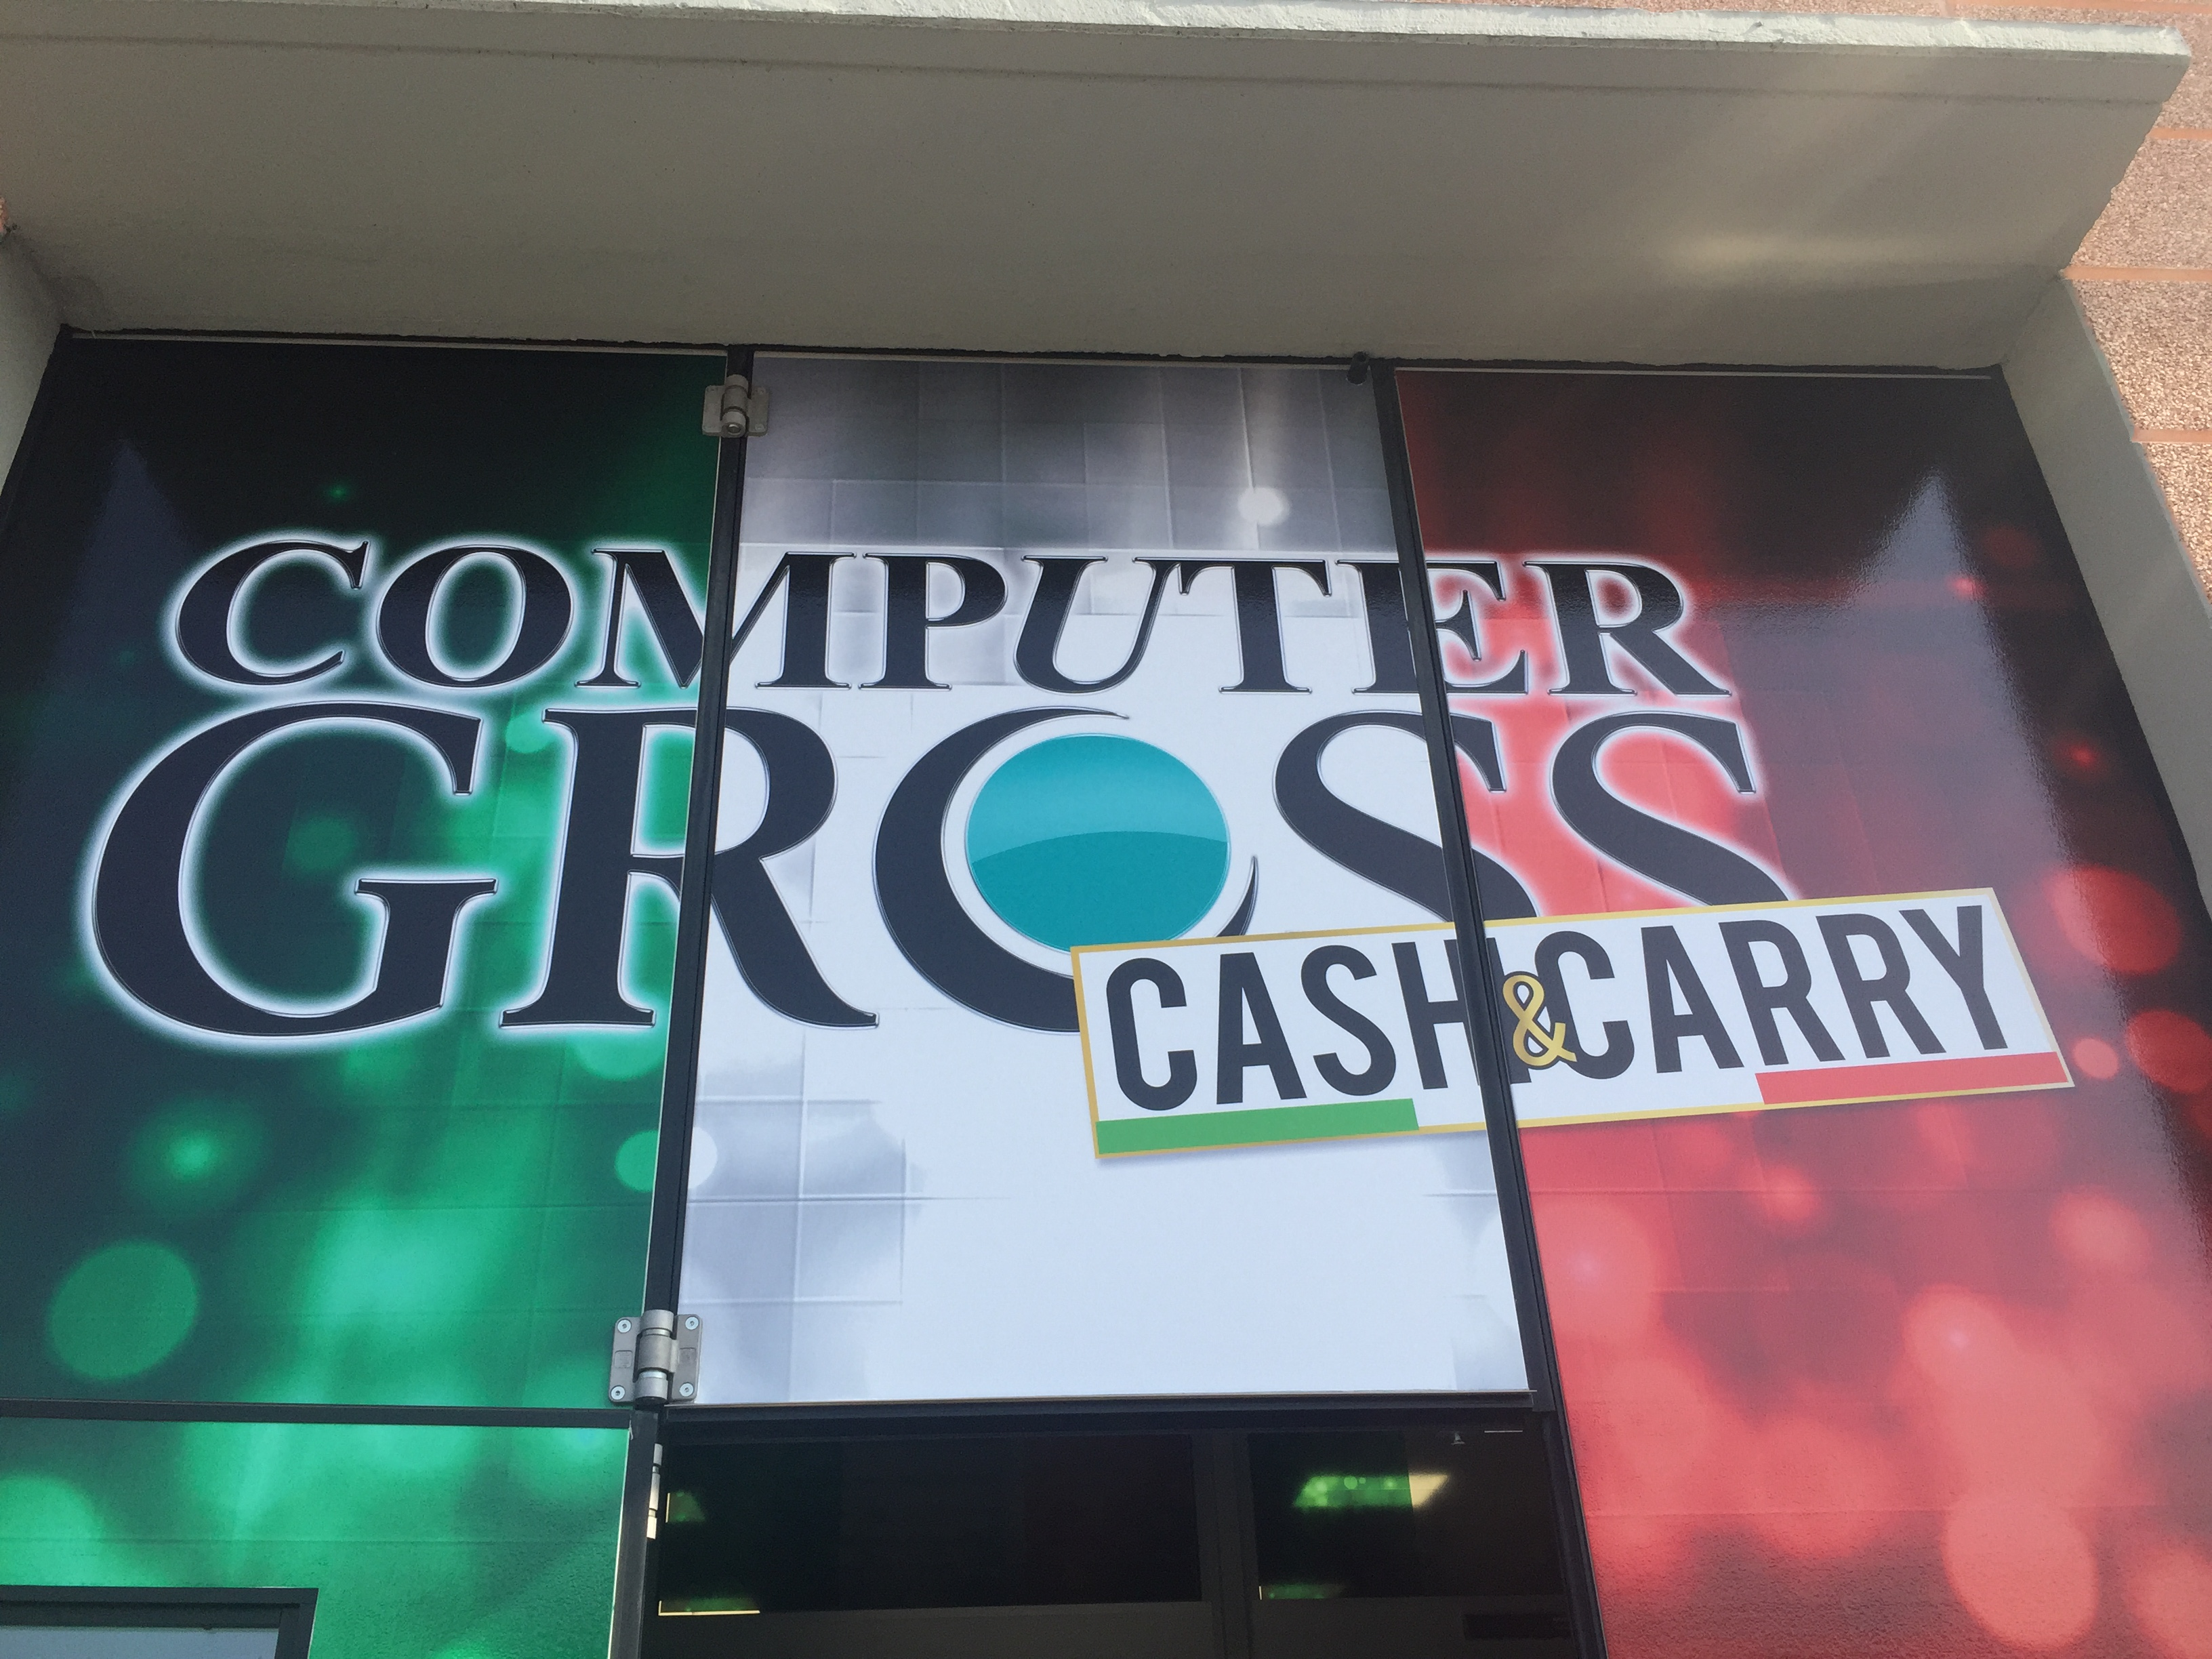 Computer Gross Cash&Carry